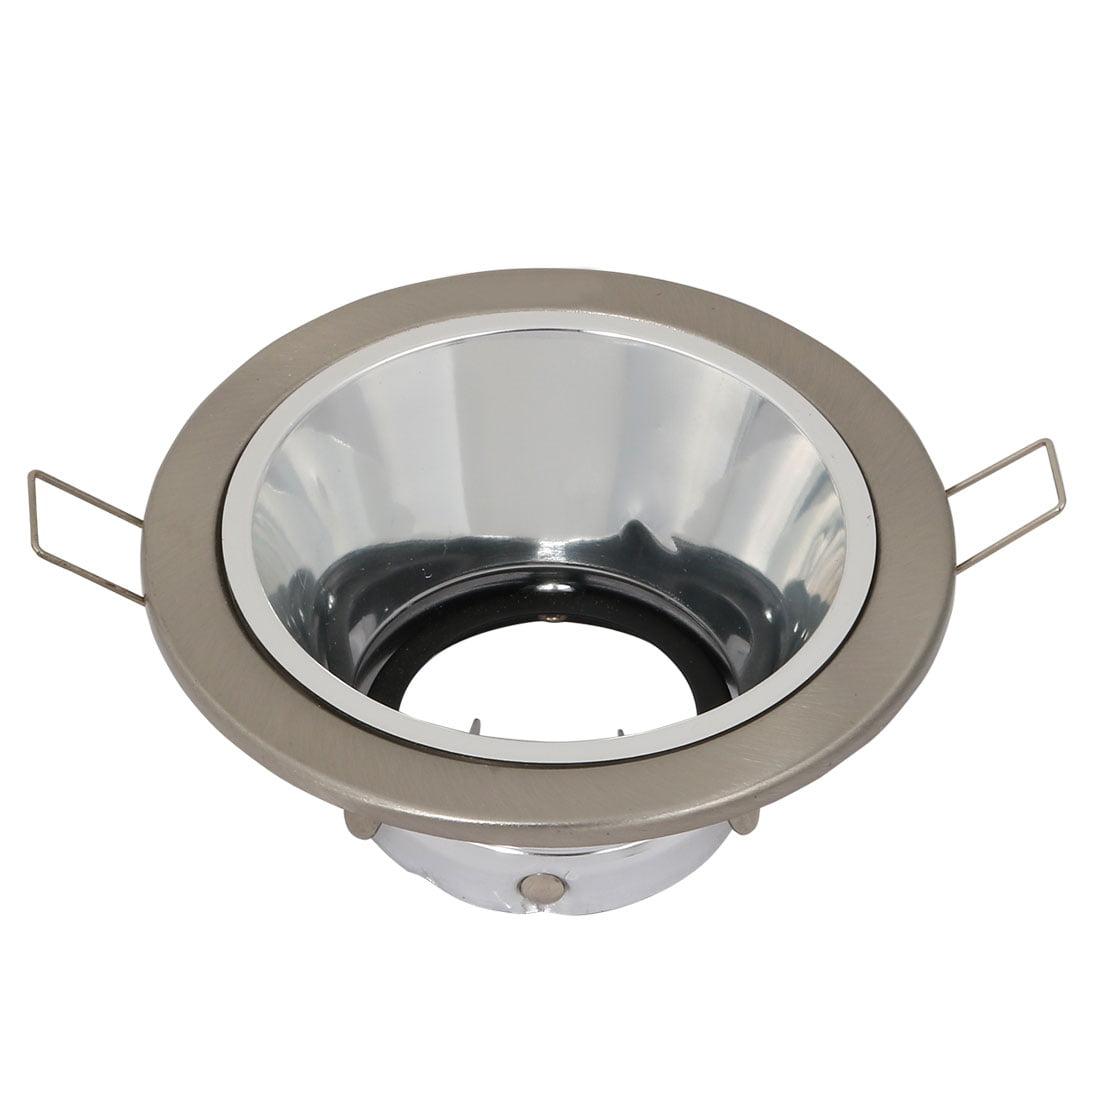 109mm Dia Ceiling Light Bracket Downlight Holder W Mr11 Mr16 Type Lamp Socket